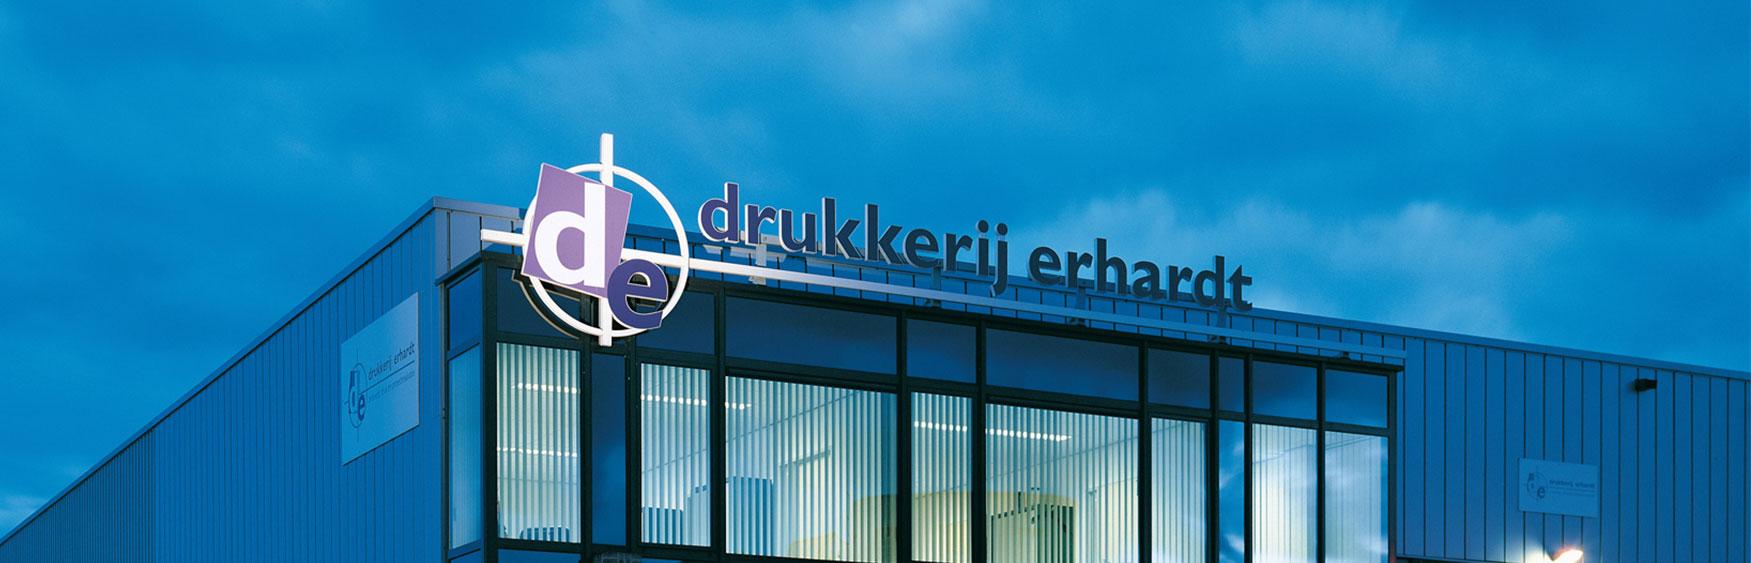 Drukkerij Erhardt Ontwerp Drukwerk En Projecten Regio